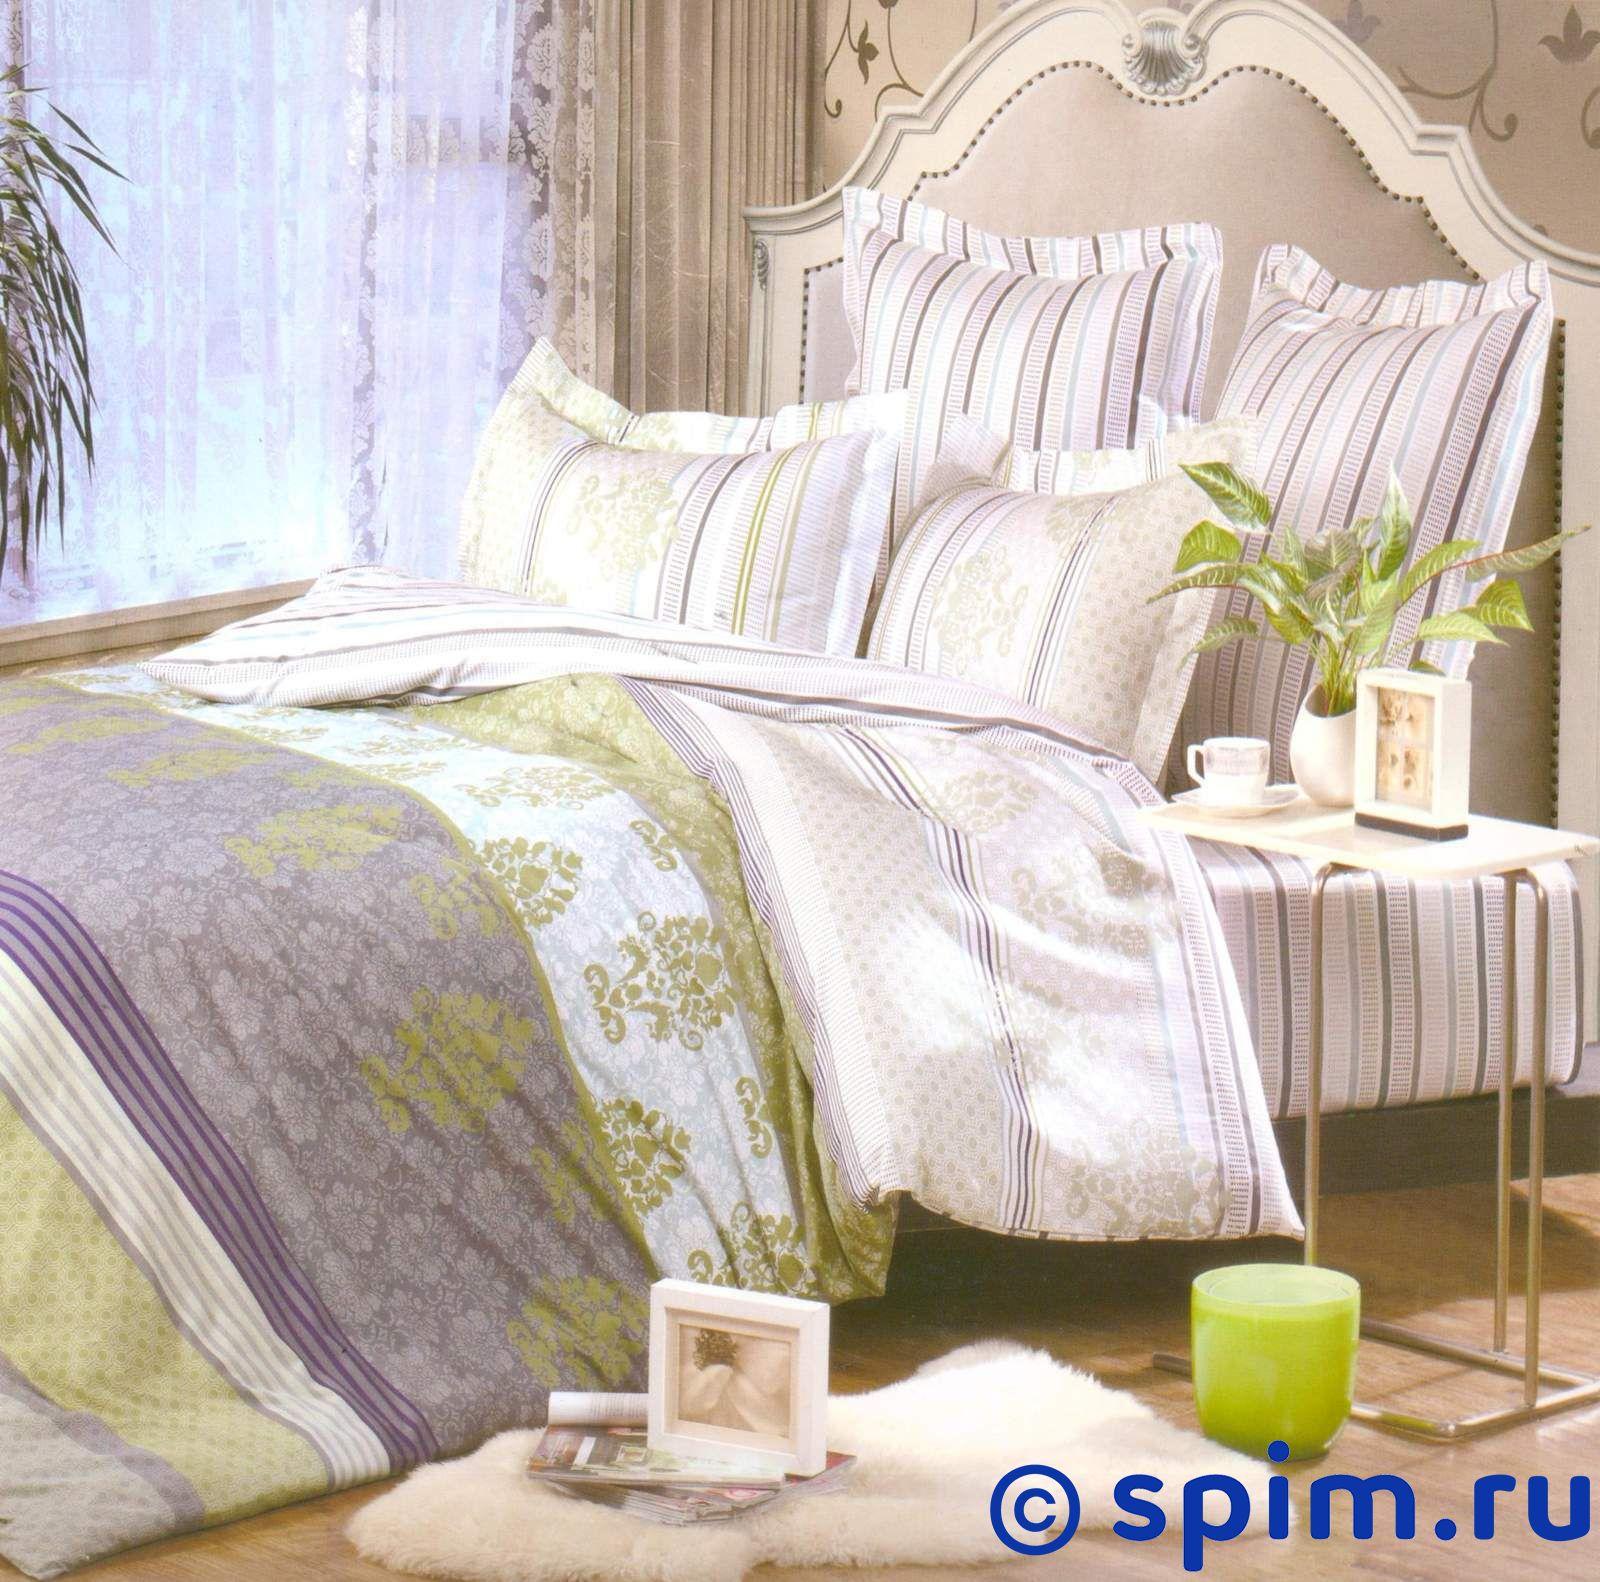 Комплект СайлиД В114 1.5 спальное